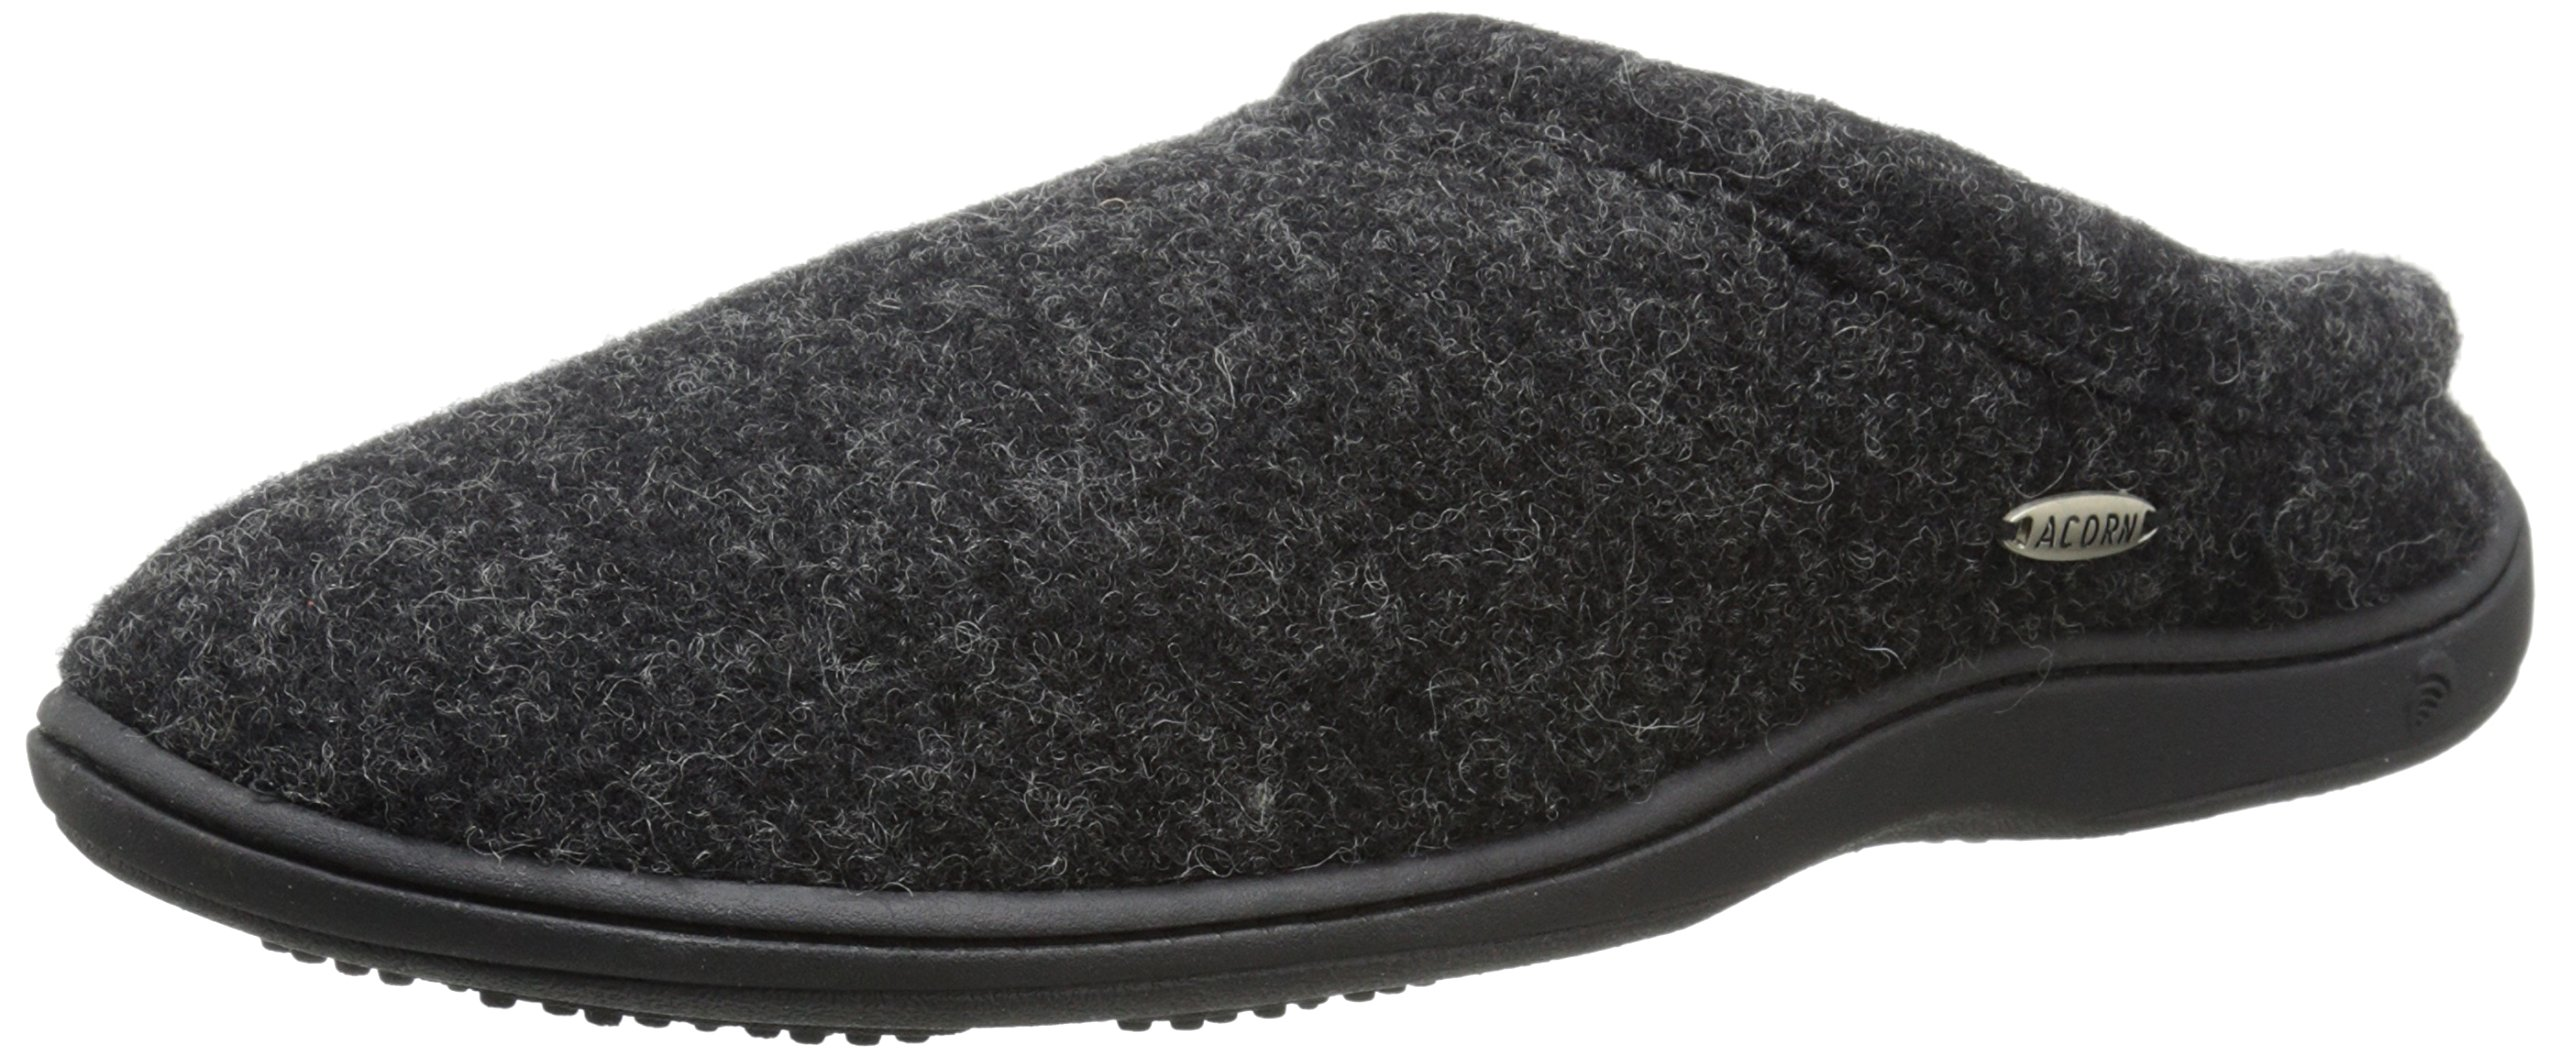 Acorn Men's Digby Gore, Black Tweed, X-Large / 12-13